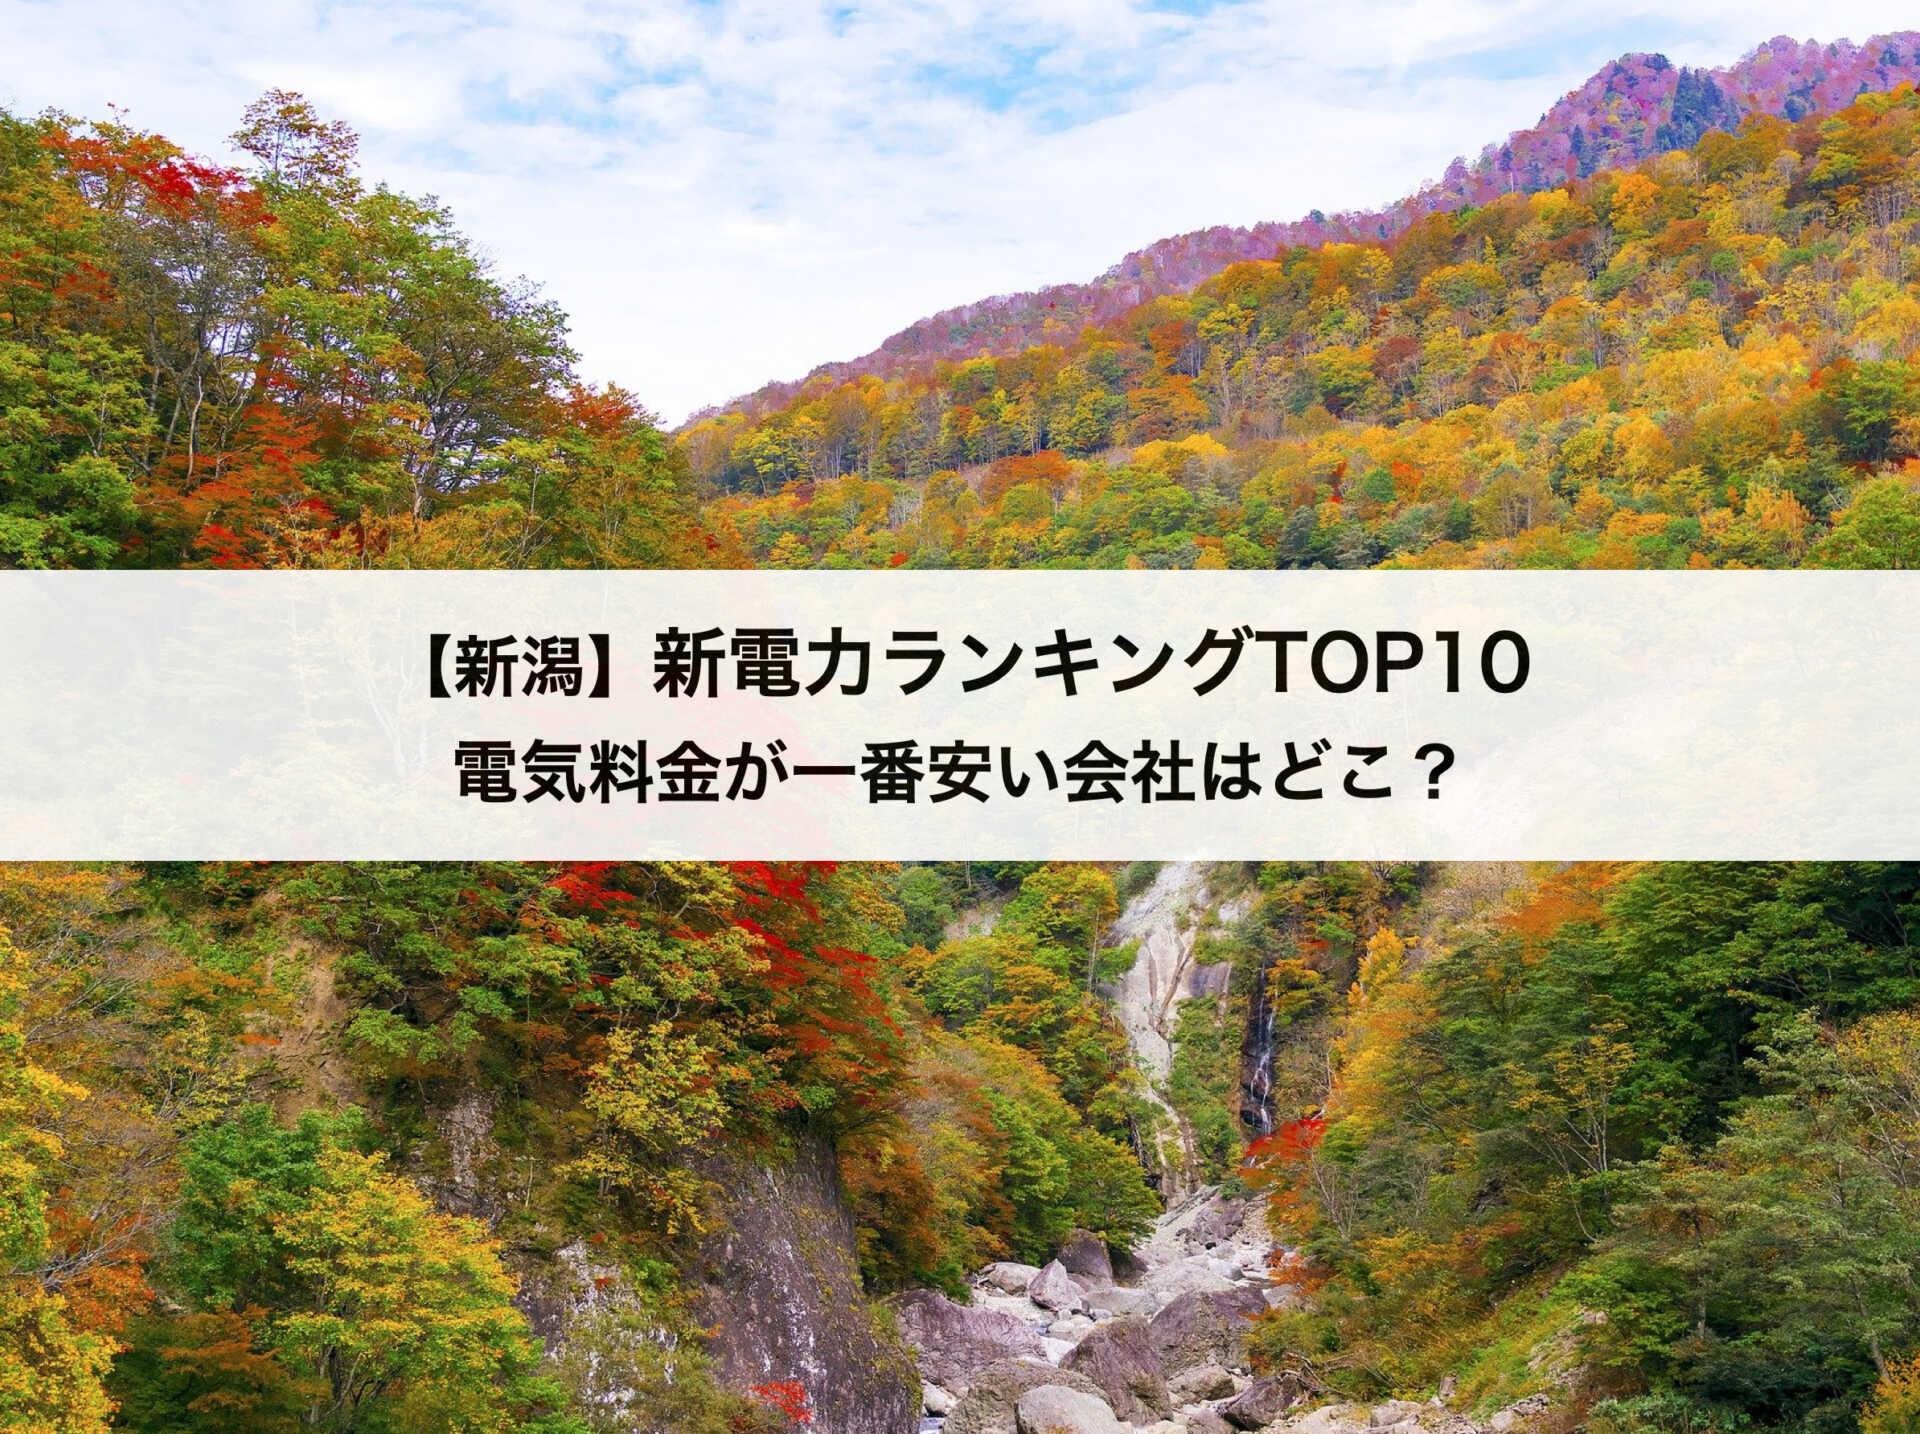 【新潟県】新電力会社おすすめランキングTOP10 東北電力と比較してお得な電力会社はどこ?